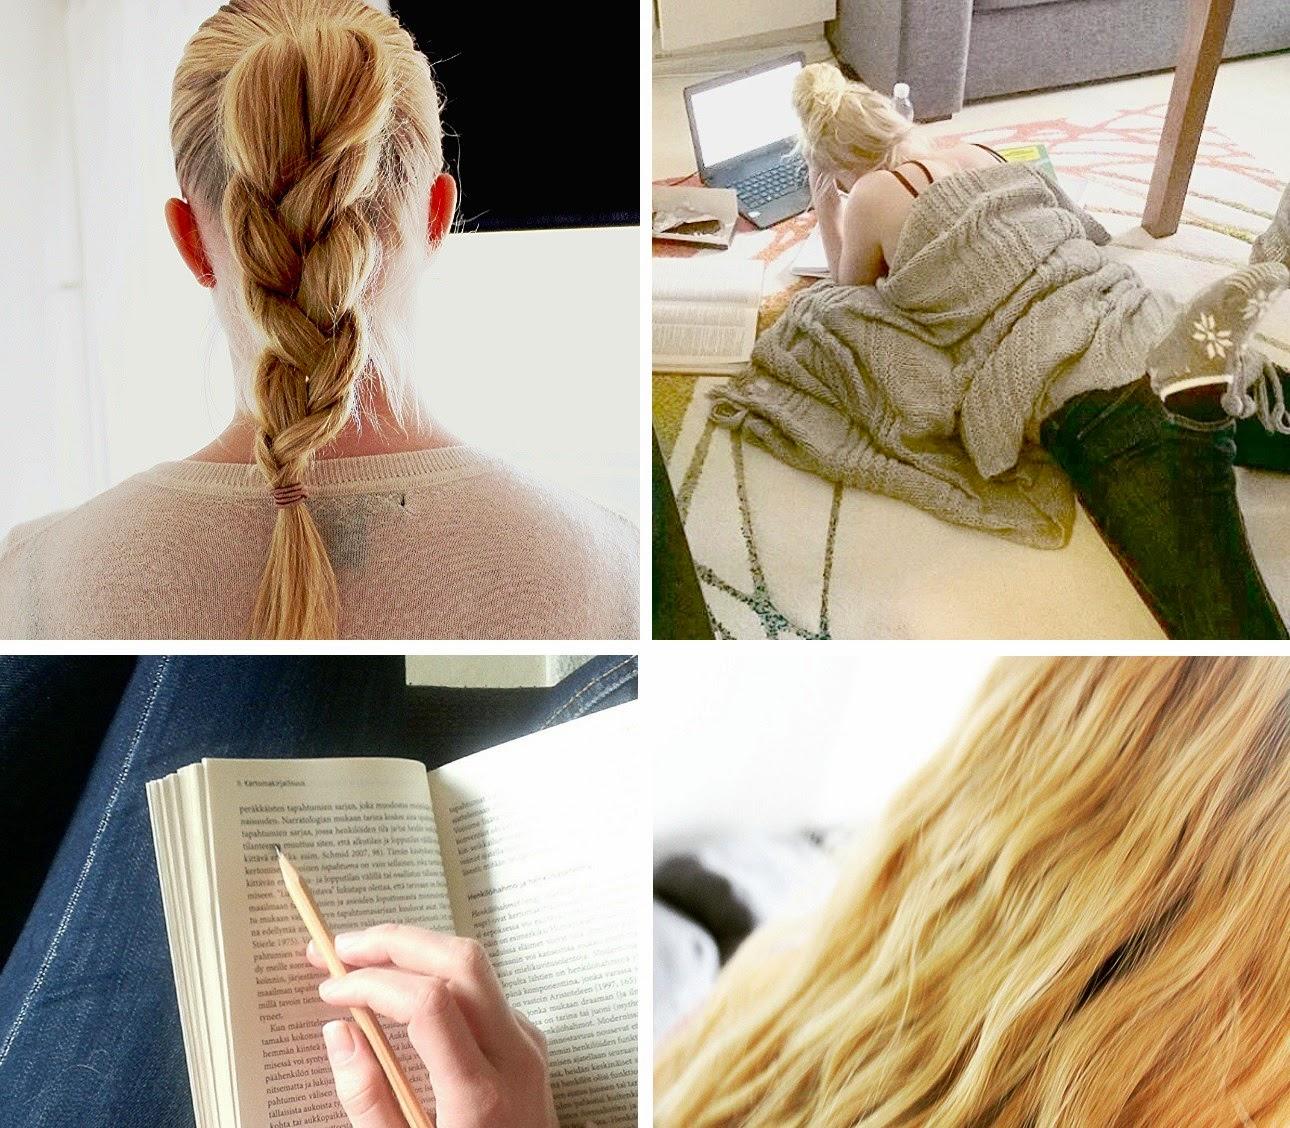 Instagramming, hair&studies   Alinan kotona blog #hair #studies #instagram